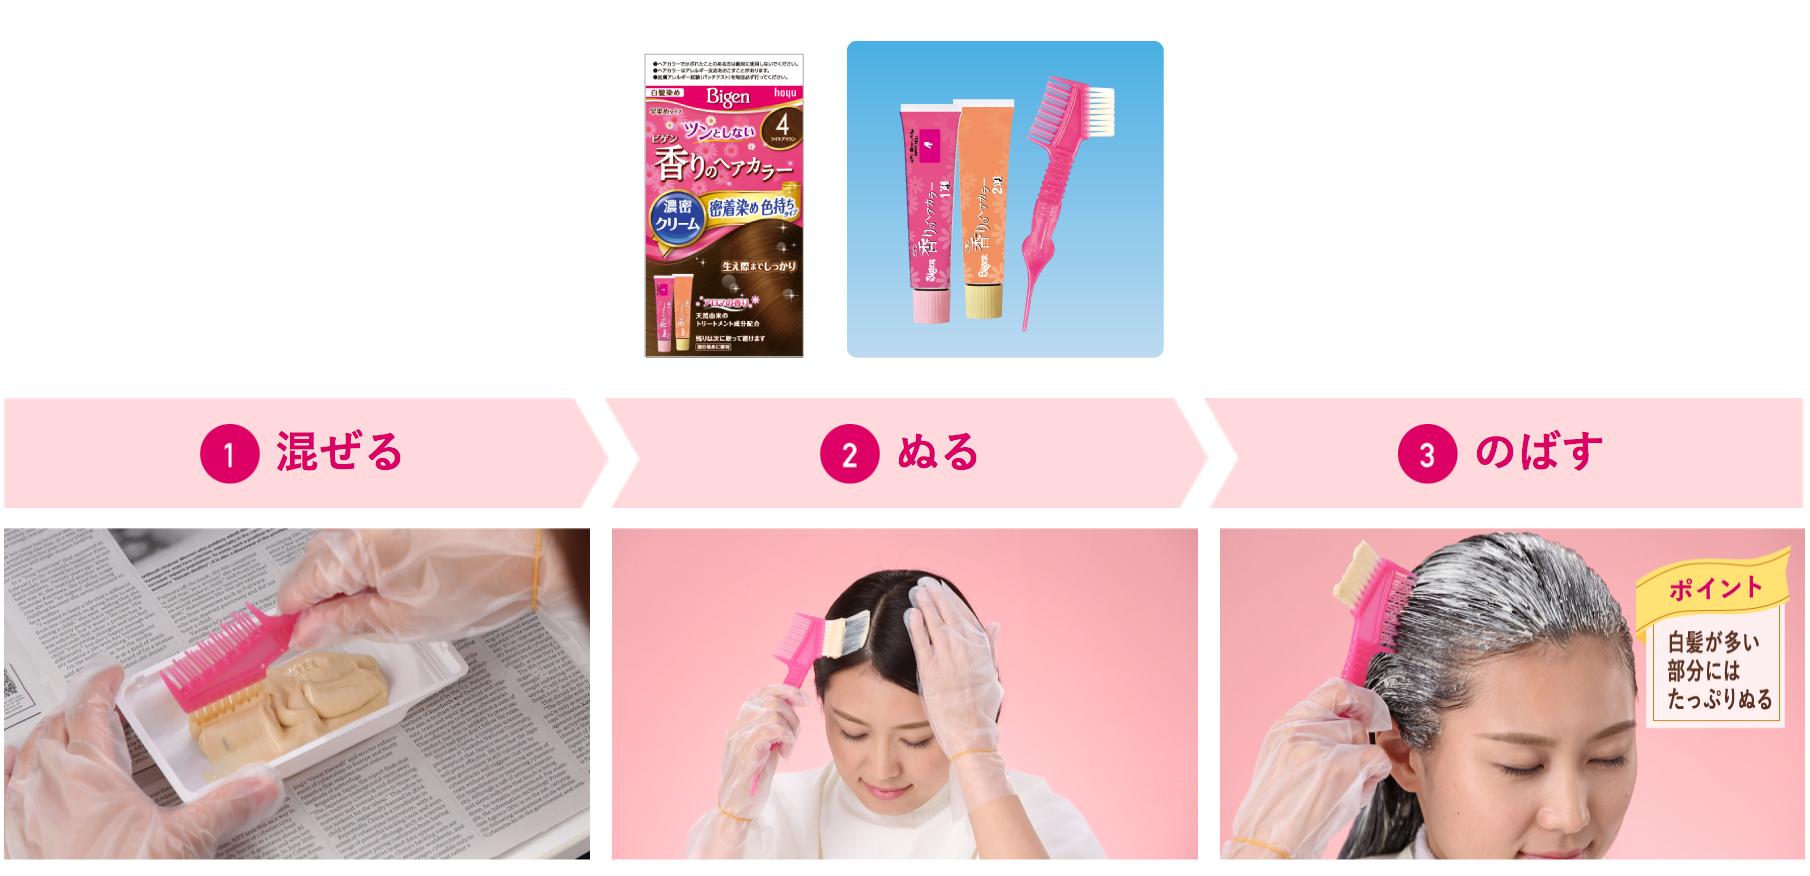 Minh hoạ cách sử dụng thuốc nhuộm tóc bigen hoyu flavored hair color